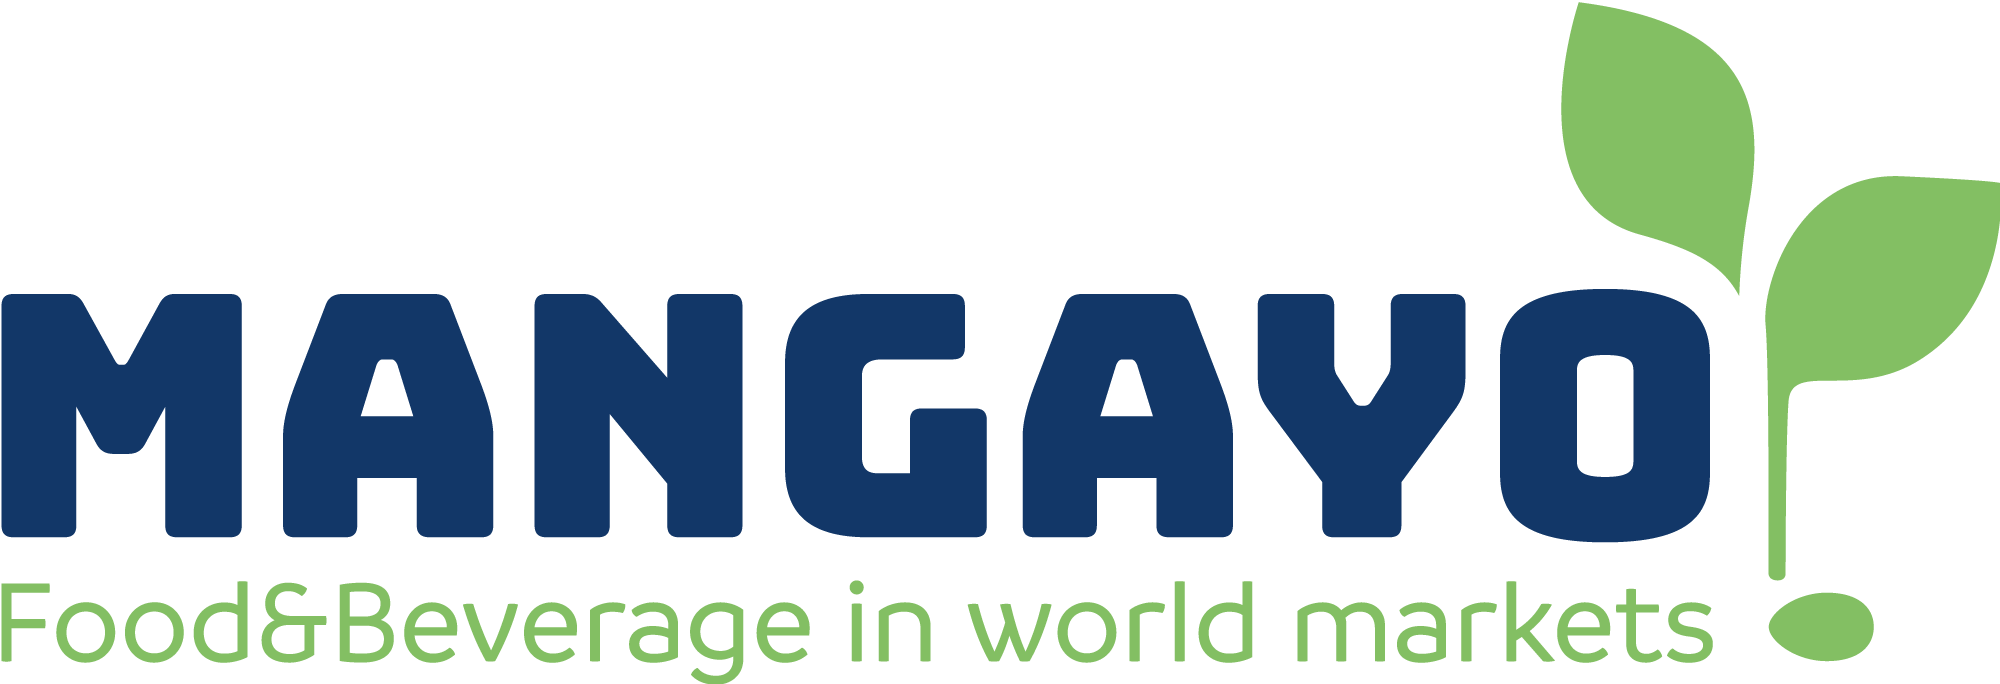 Mangayo